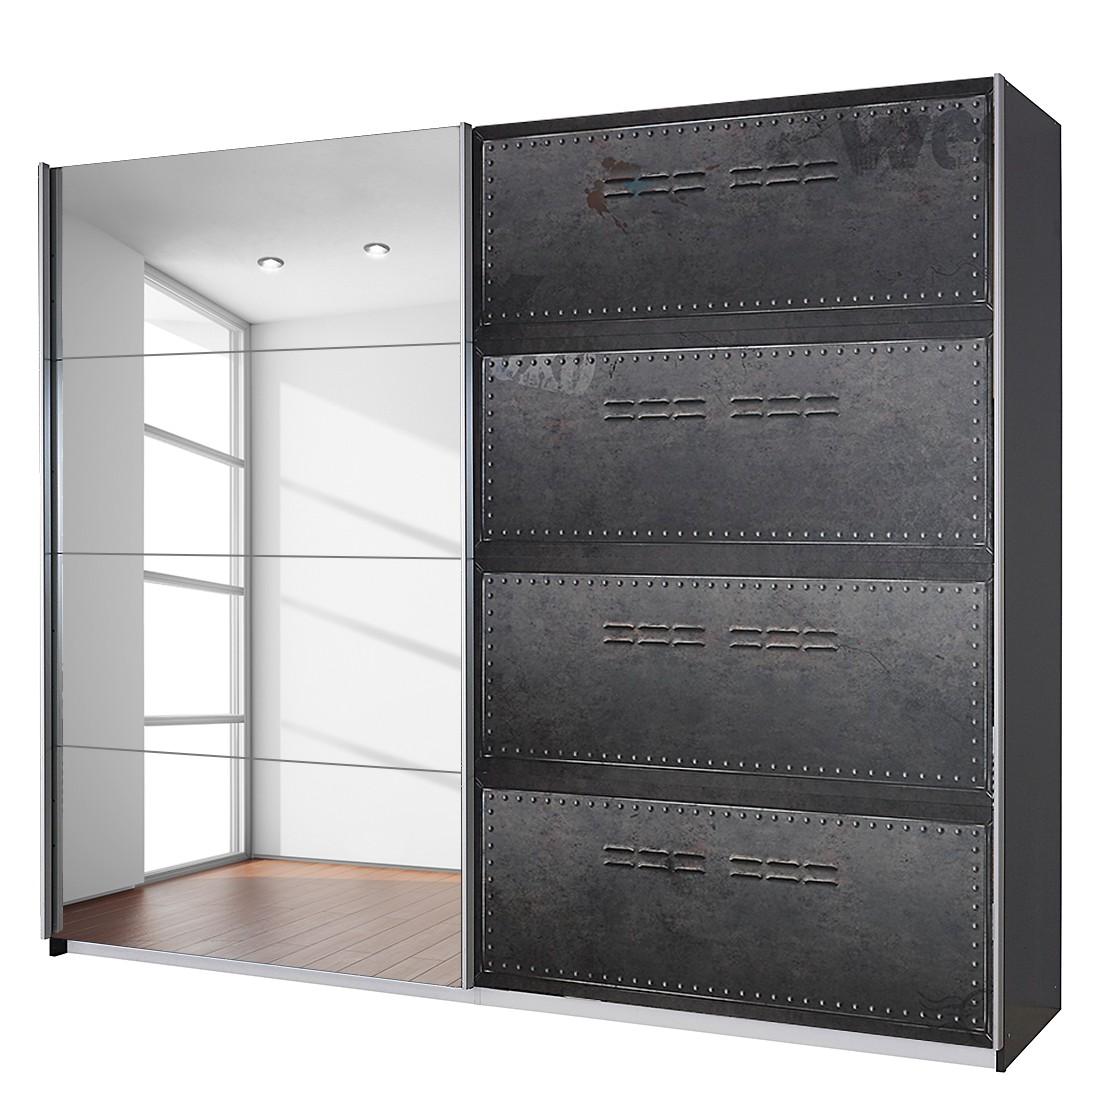 goedkoop Draaideurkast Workbase industrial print look grafietkleurig Zonder verlichting 136cm 2 deurs Rauch Select